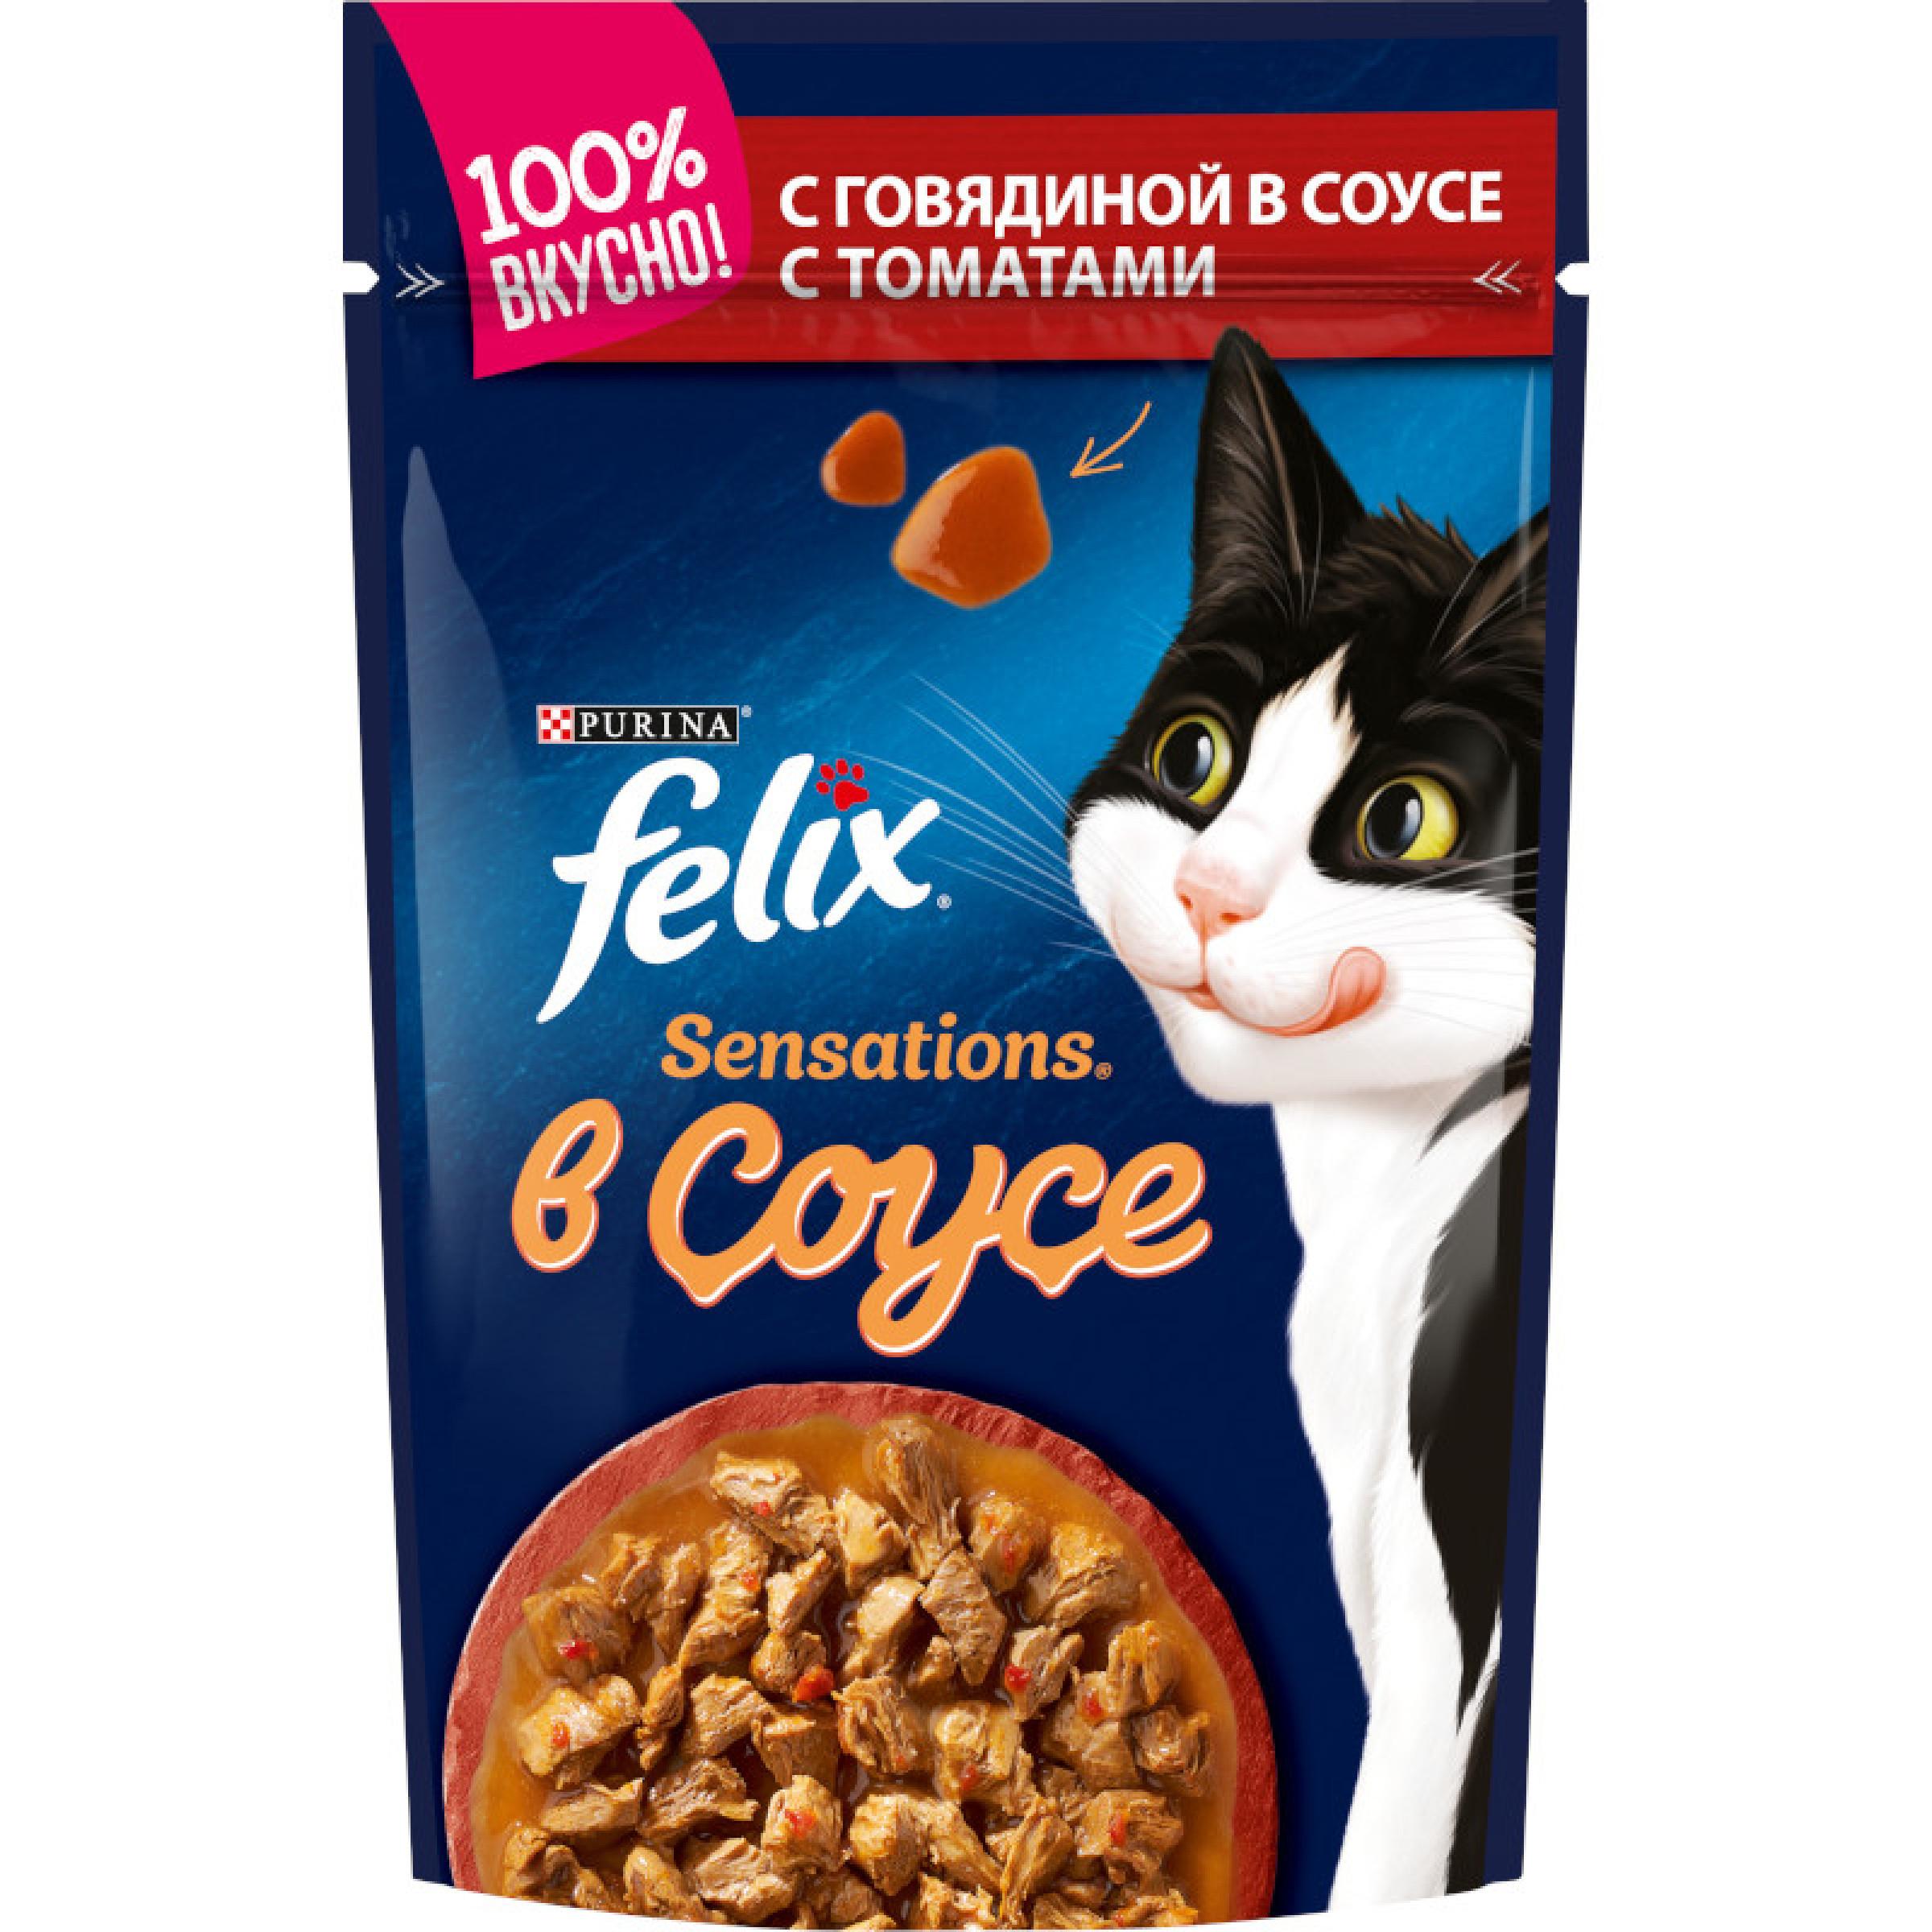 Влажный корм FELIX Sensations® для взрослых кошек, с говядиной в соусе с томатами, 85 г